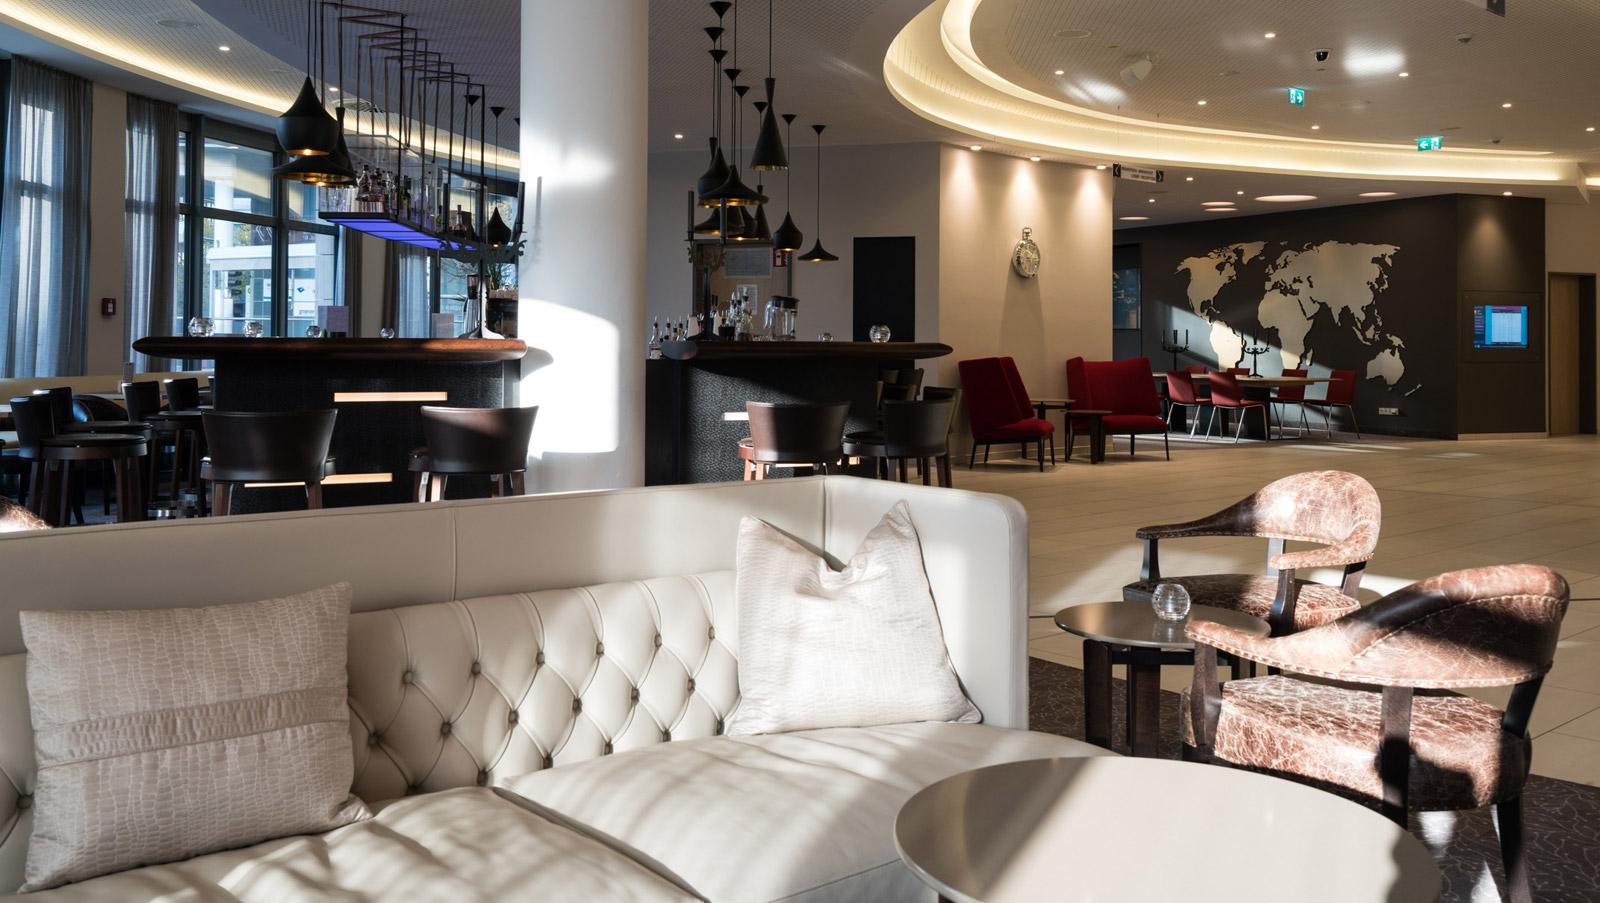 Erstaunlich Innenarchitektur Nürnberg Galerie Von Hotel Lobby Aufenthalt